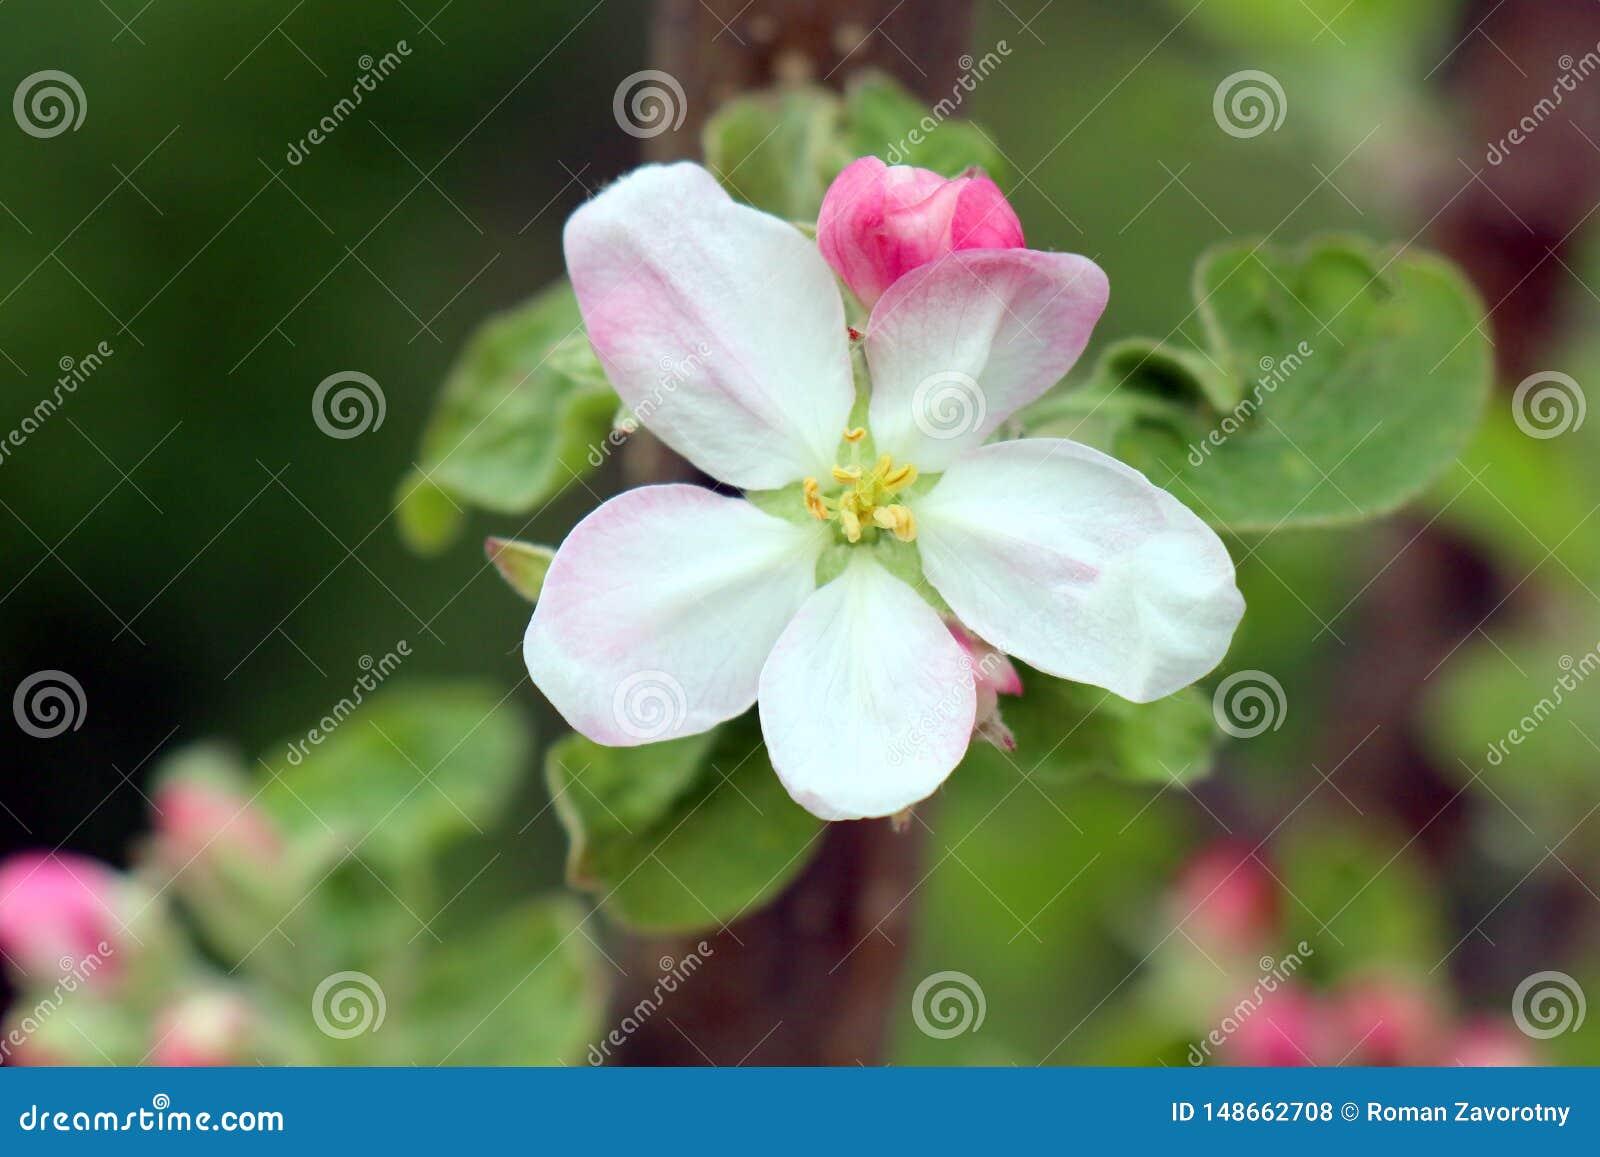 Holzapfelbaum in voller Bl?te Alle Niederlassungen werden mit den Knospen und den frischen wei?en und rosa Blumen gestreut Freude